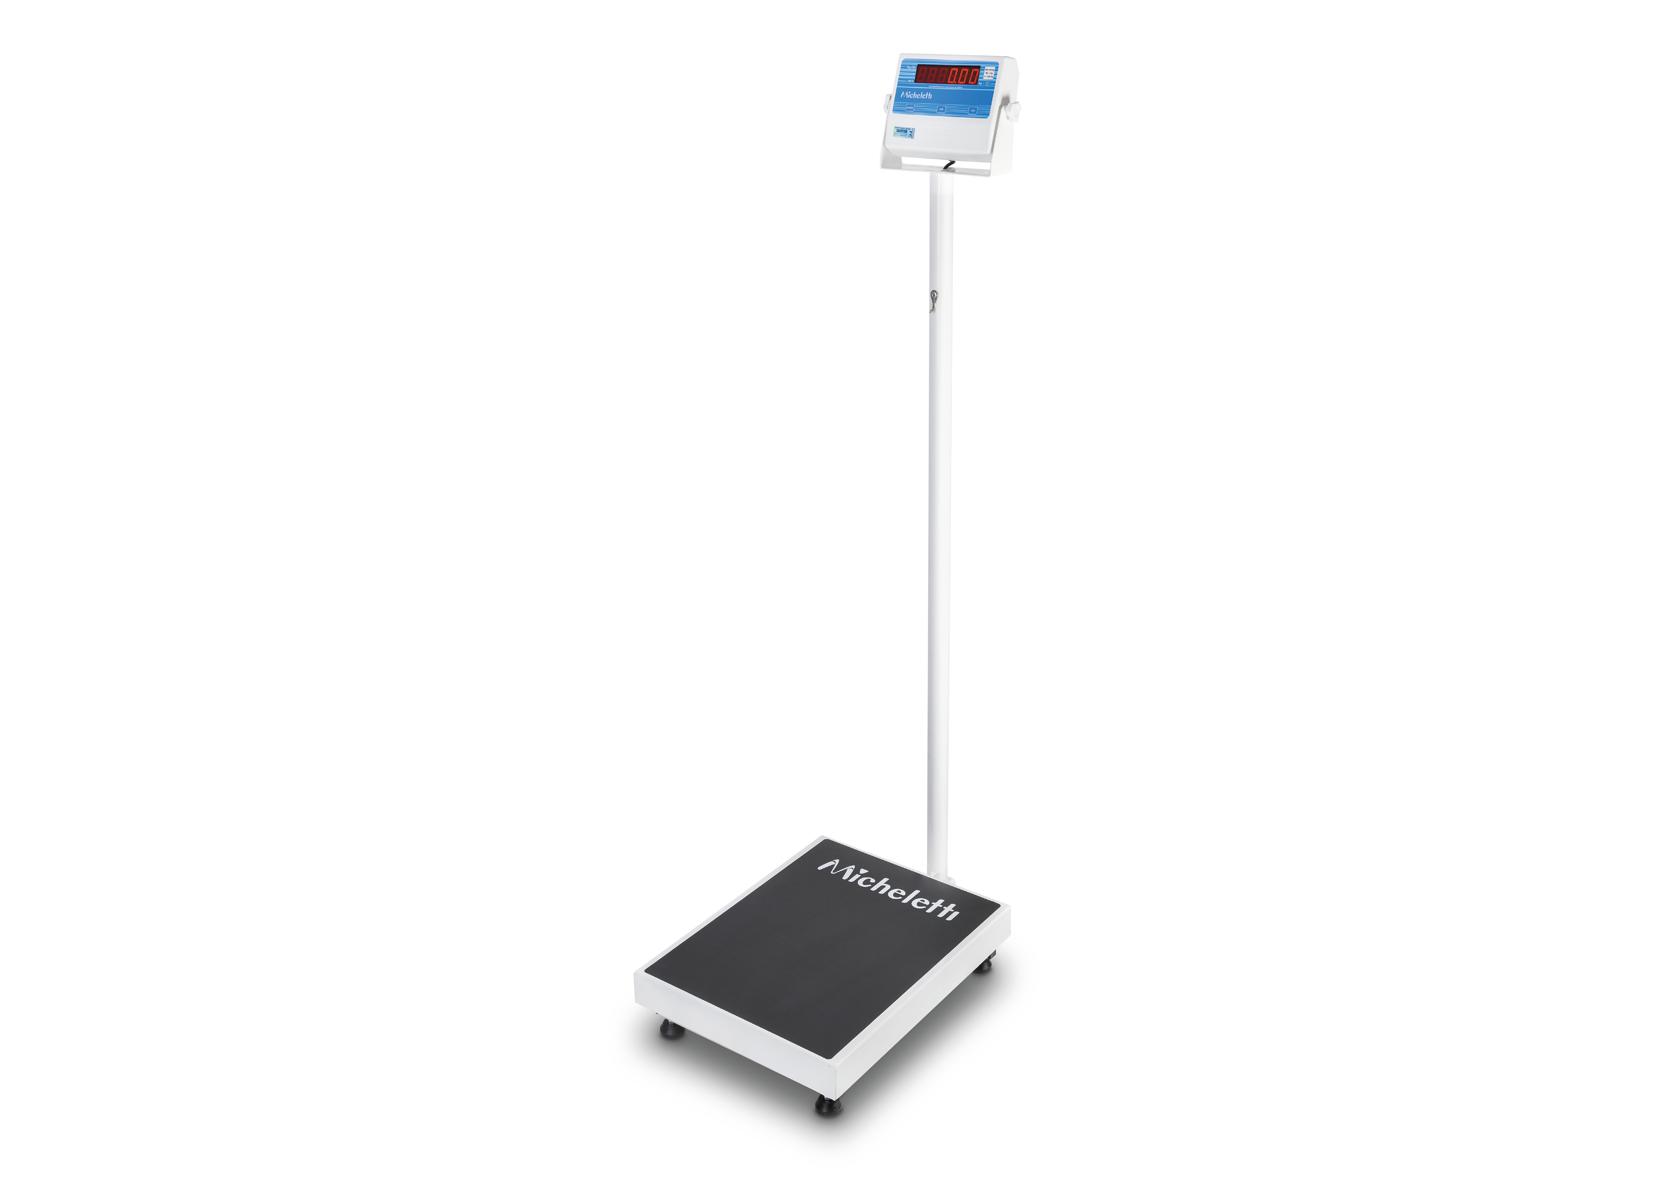 Indicador de pesagem em ABS na cor branca com display de LED de alta  #2E6A9D 1679x1188 Balança De Banheiro Digital Mercado Livre